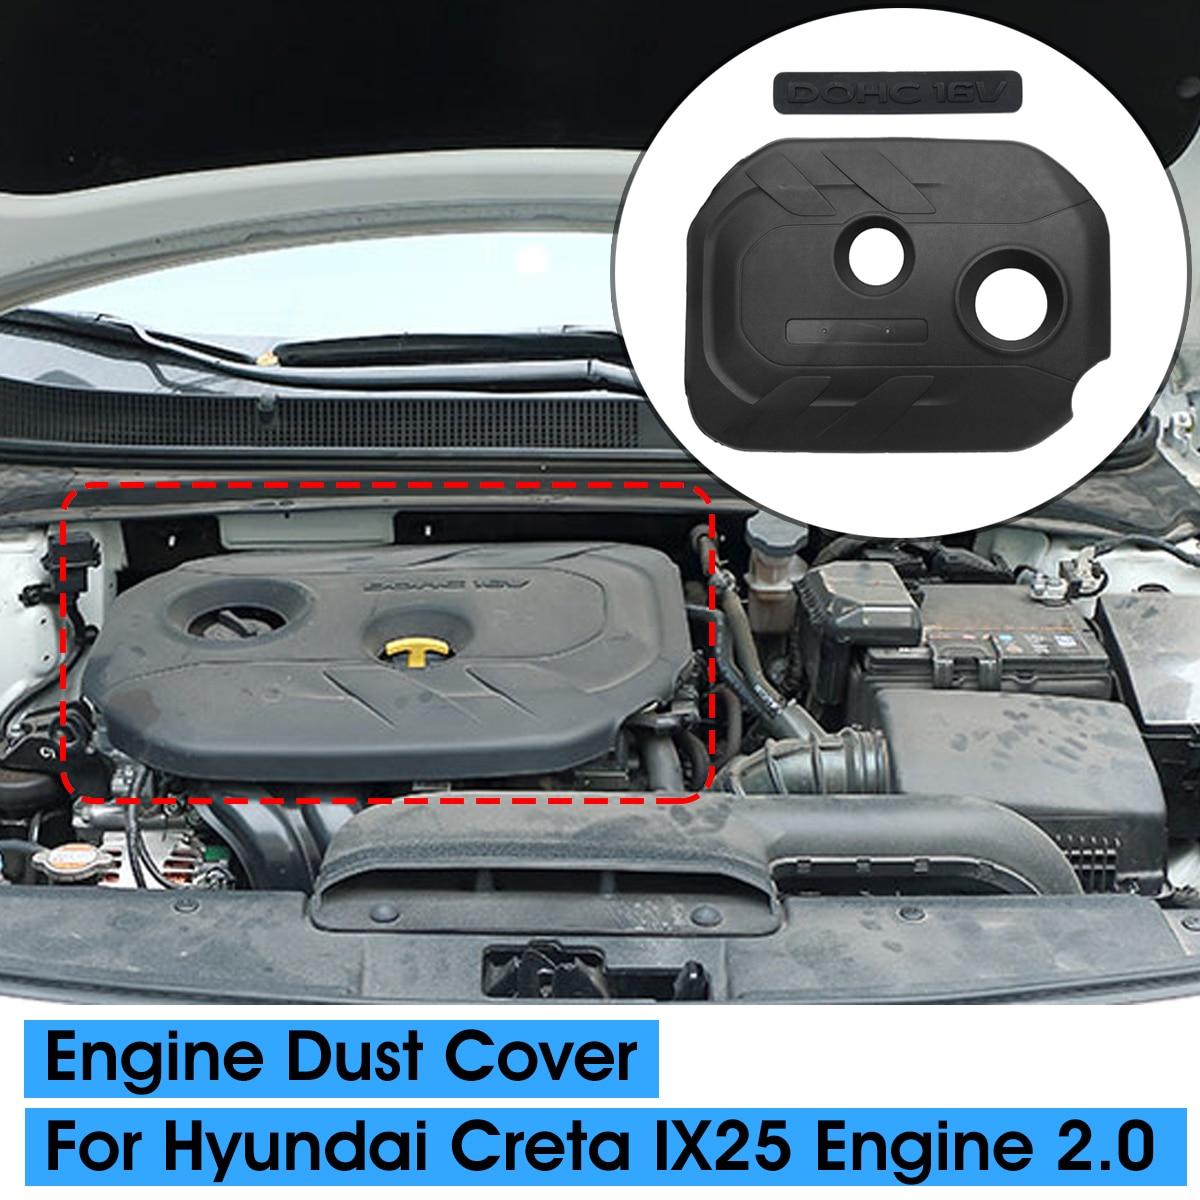 Пылезащитная крышка двигателя автомобиля 2,0 цитируемая крышка декоративная крышка Защитная крышка для Hyundai Creta IX25 2015 2016 2017 2018 2019 капот